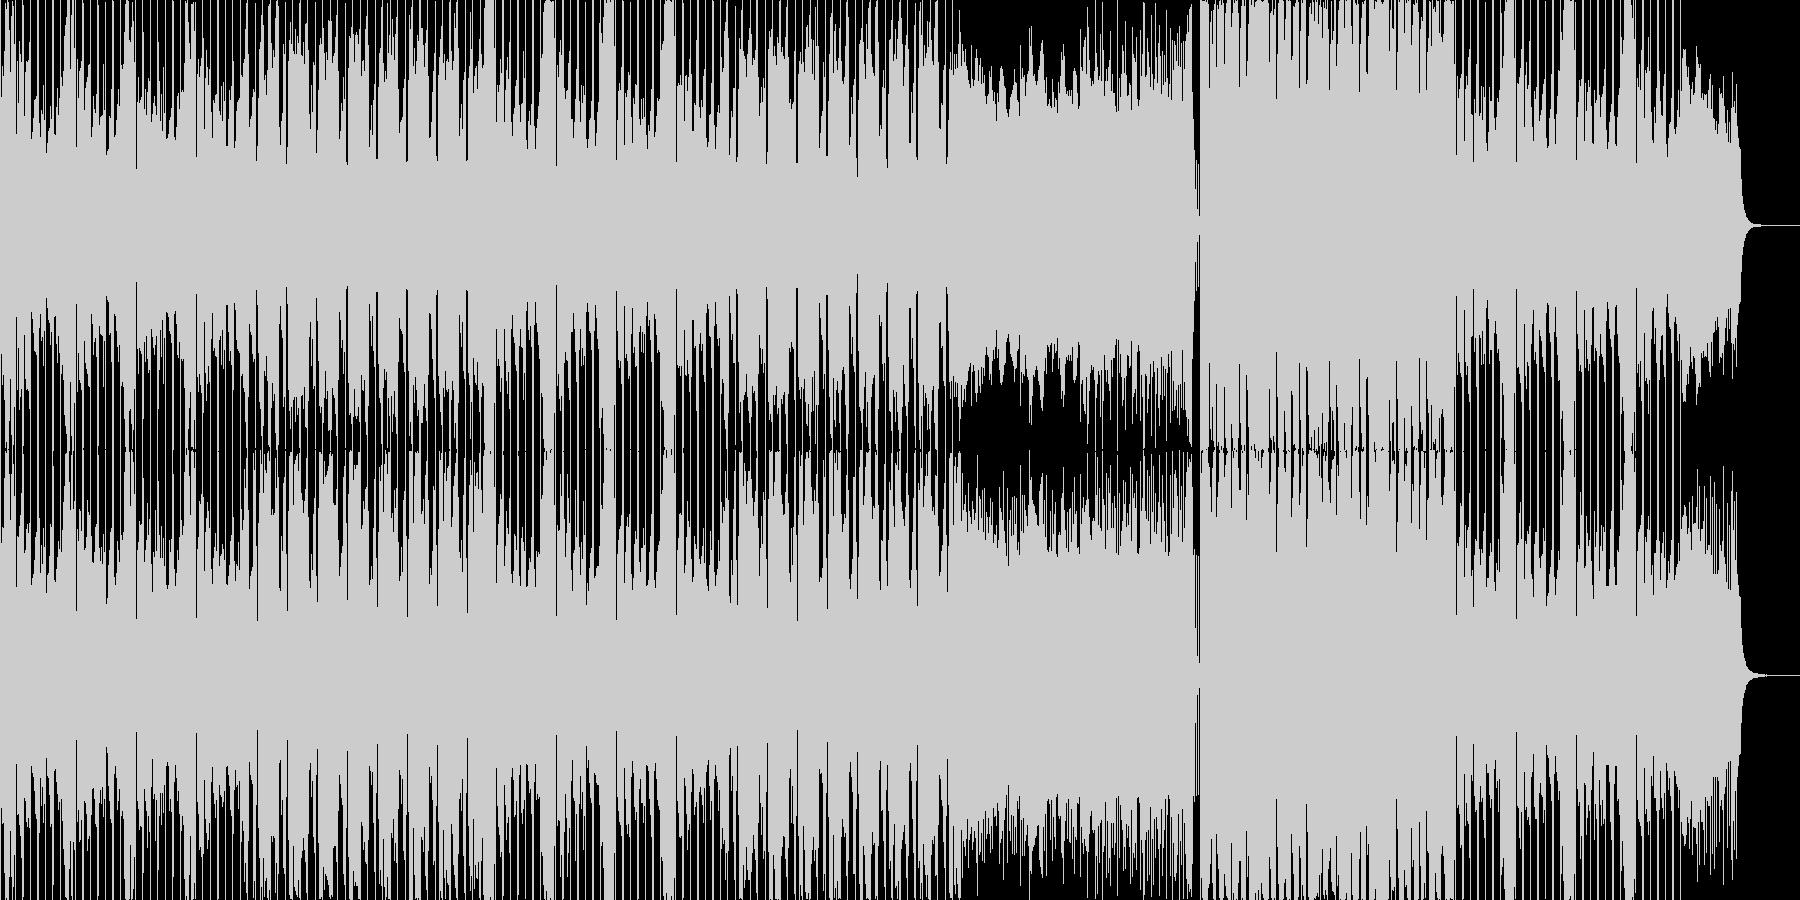 スタイリッシュな映像向け/ダブステップの未再生の波形